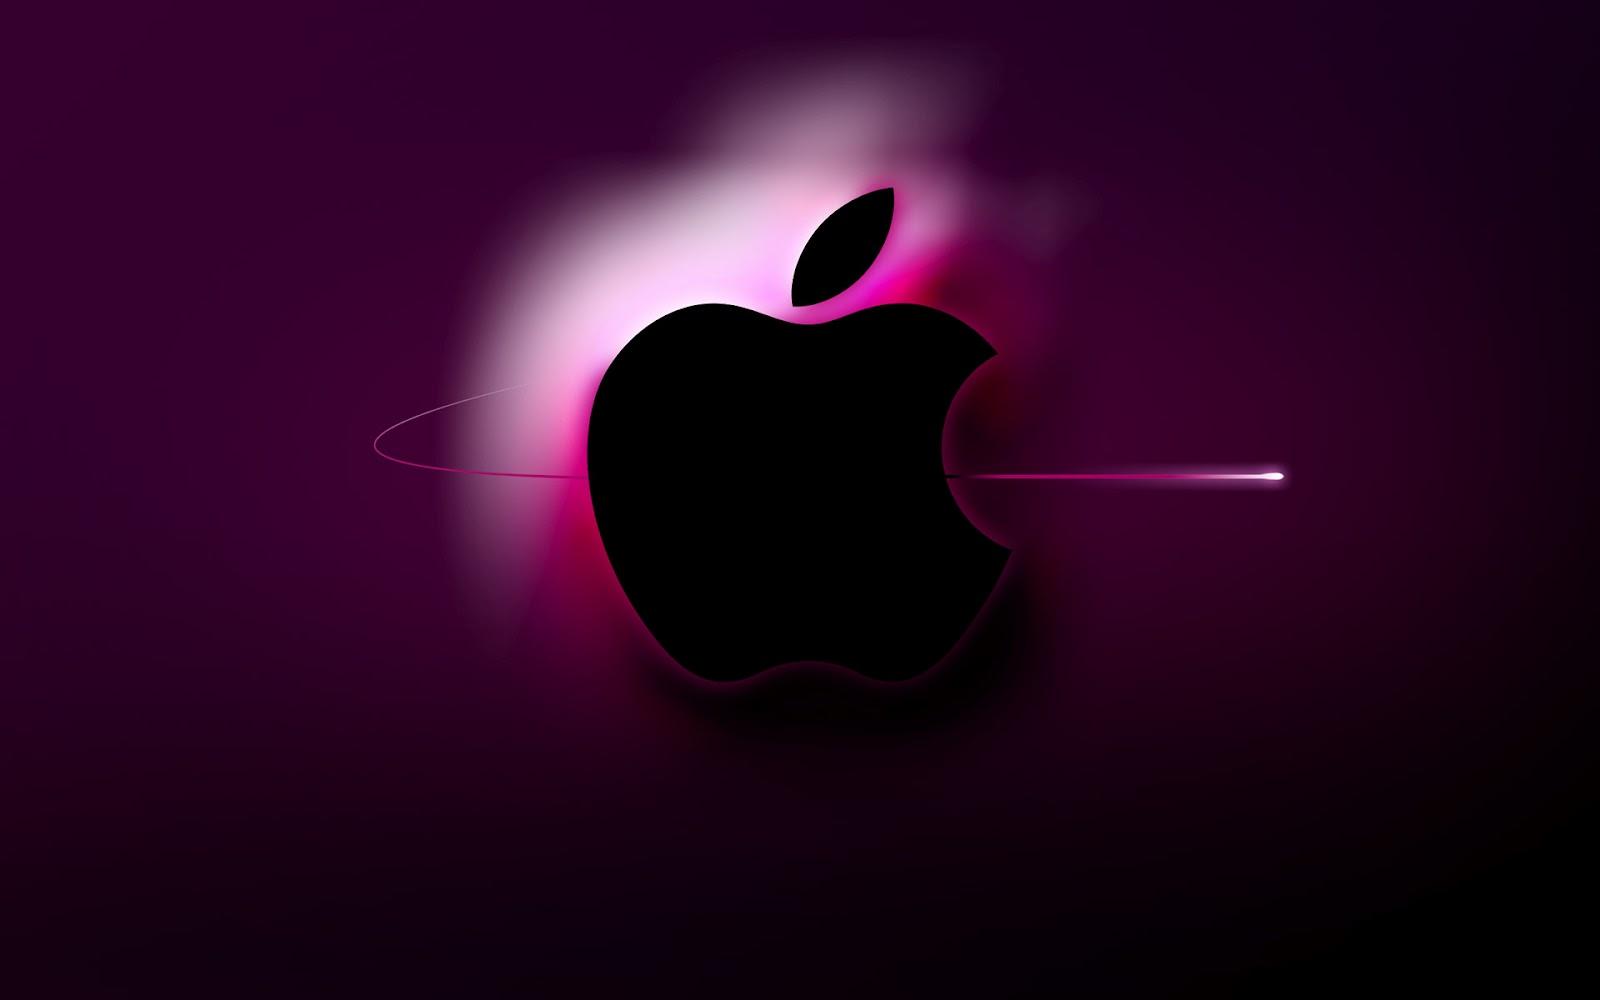 New Apple Wallpapers For Iphone Wallpapersafari